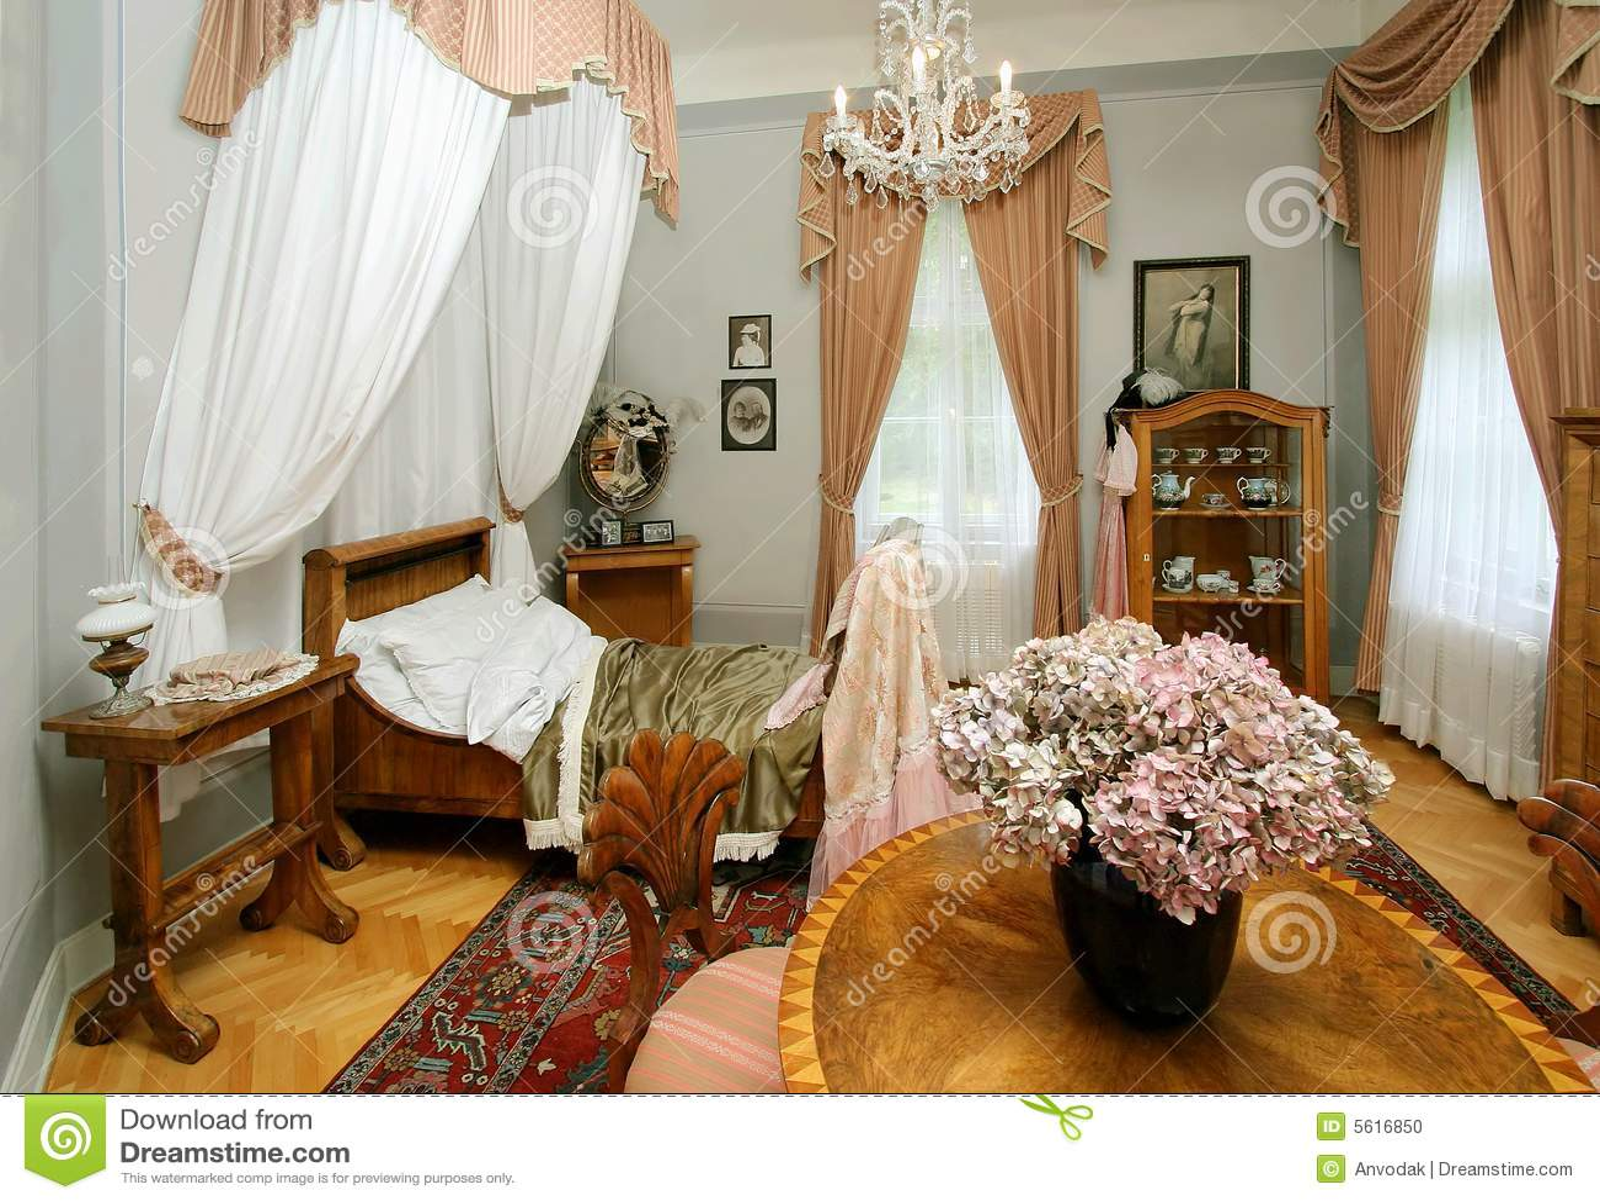 altes schlafzimmer stockfoto bild 5616850. Black Bedroom Furniture Sets. Home Design Ideas